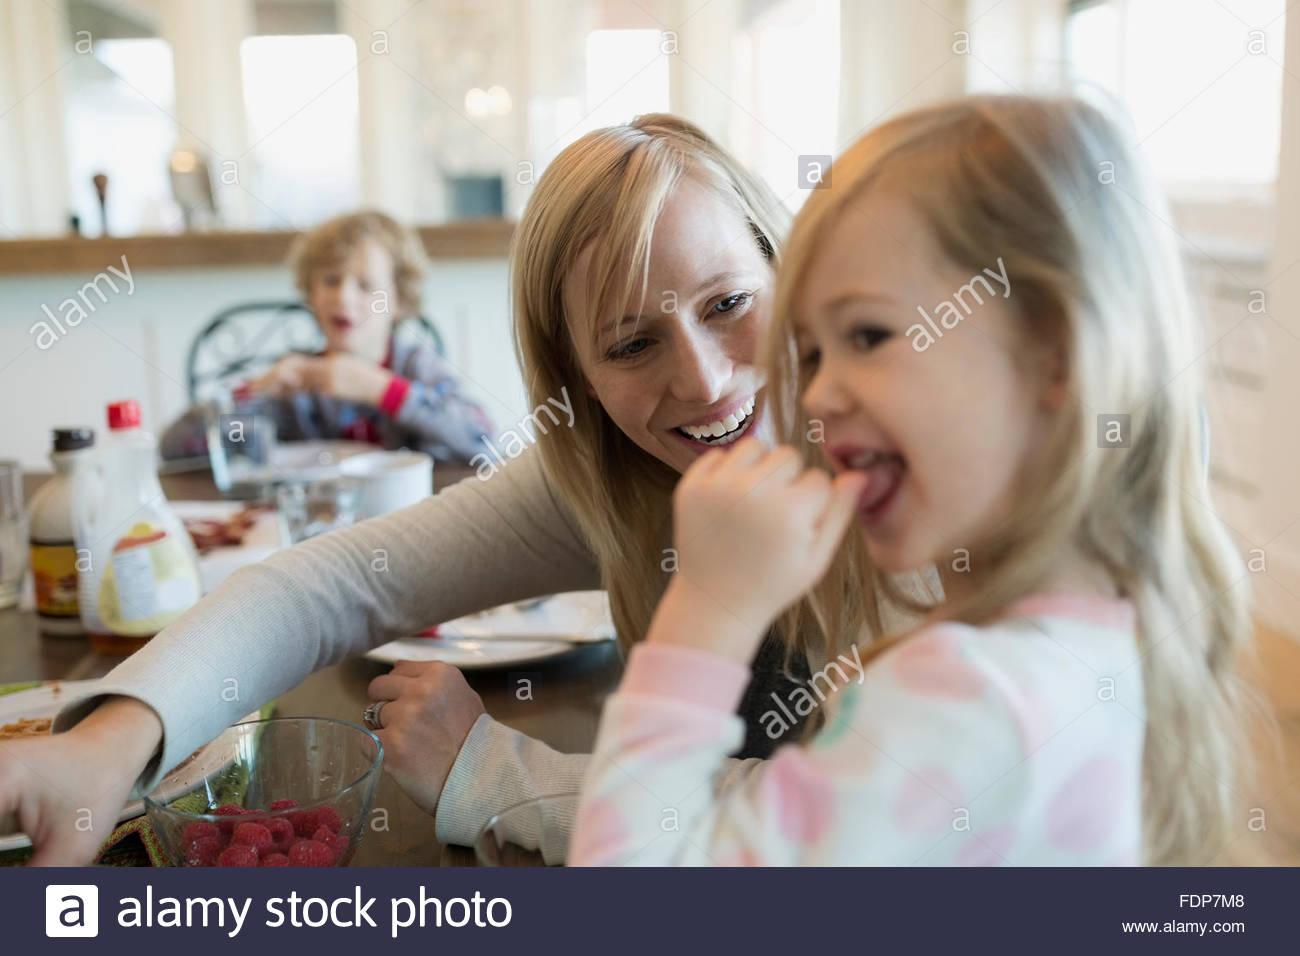 Mère et fille de manger des framboises à table de petit déjeuner Photo Stock